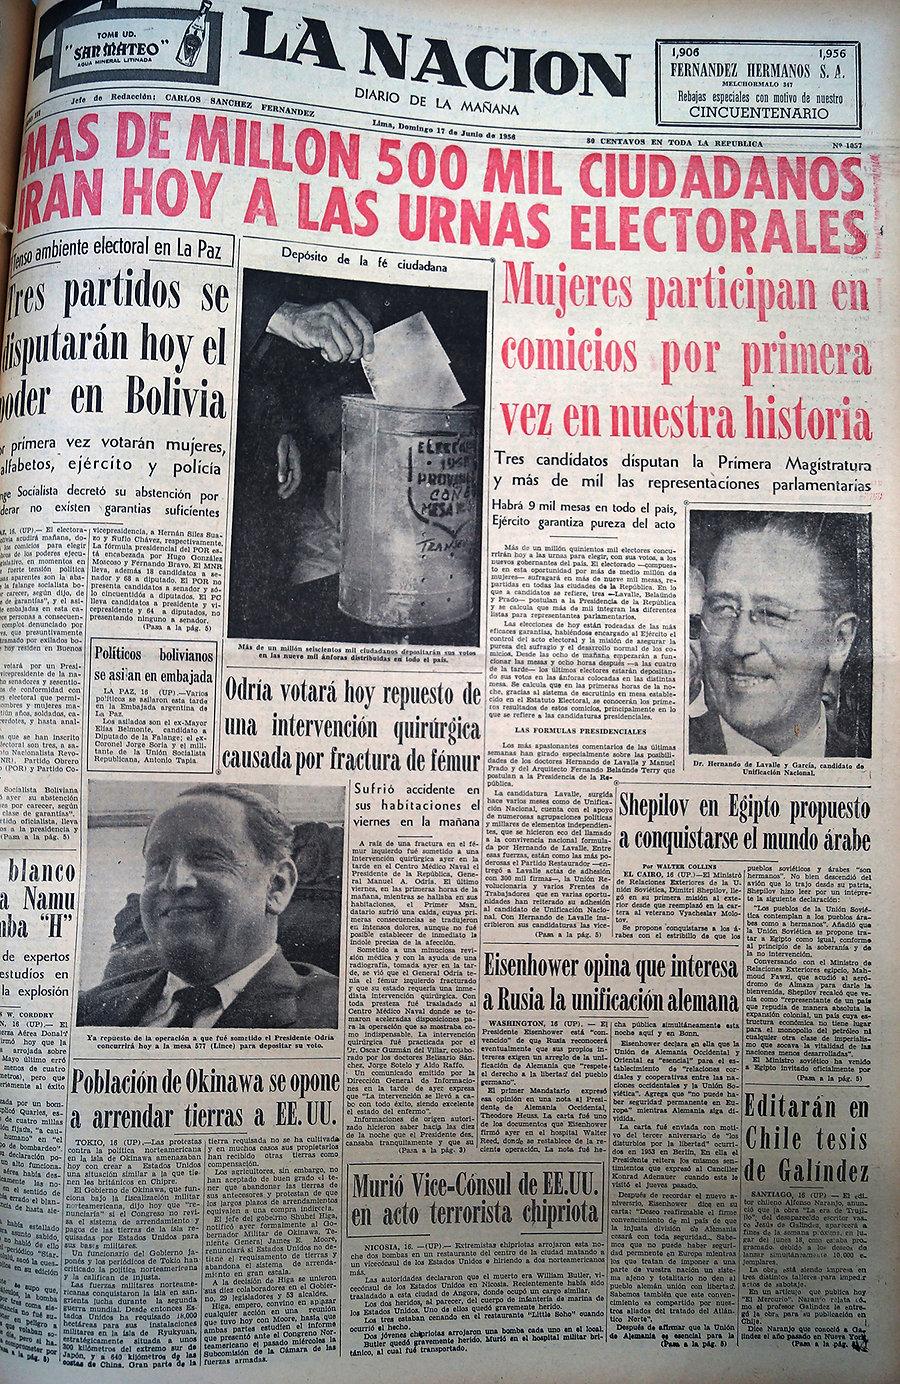 2PORTADA LA NACION.jpg